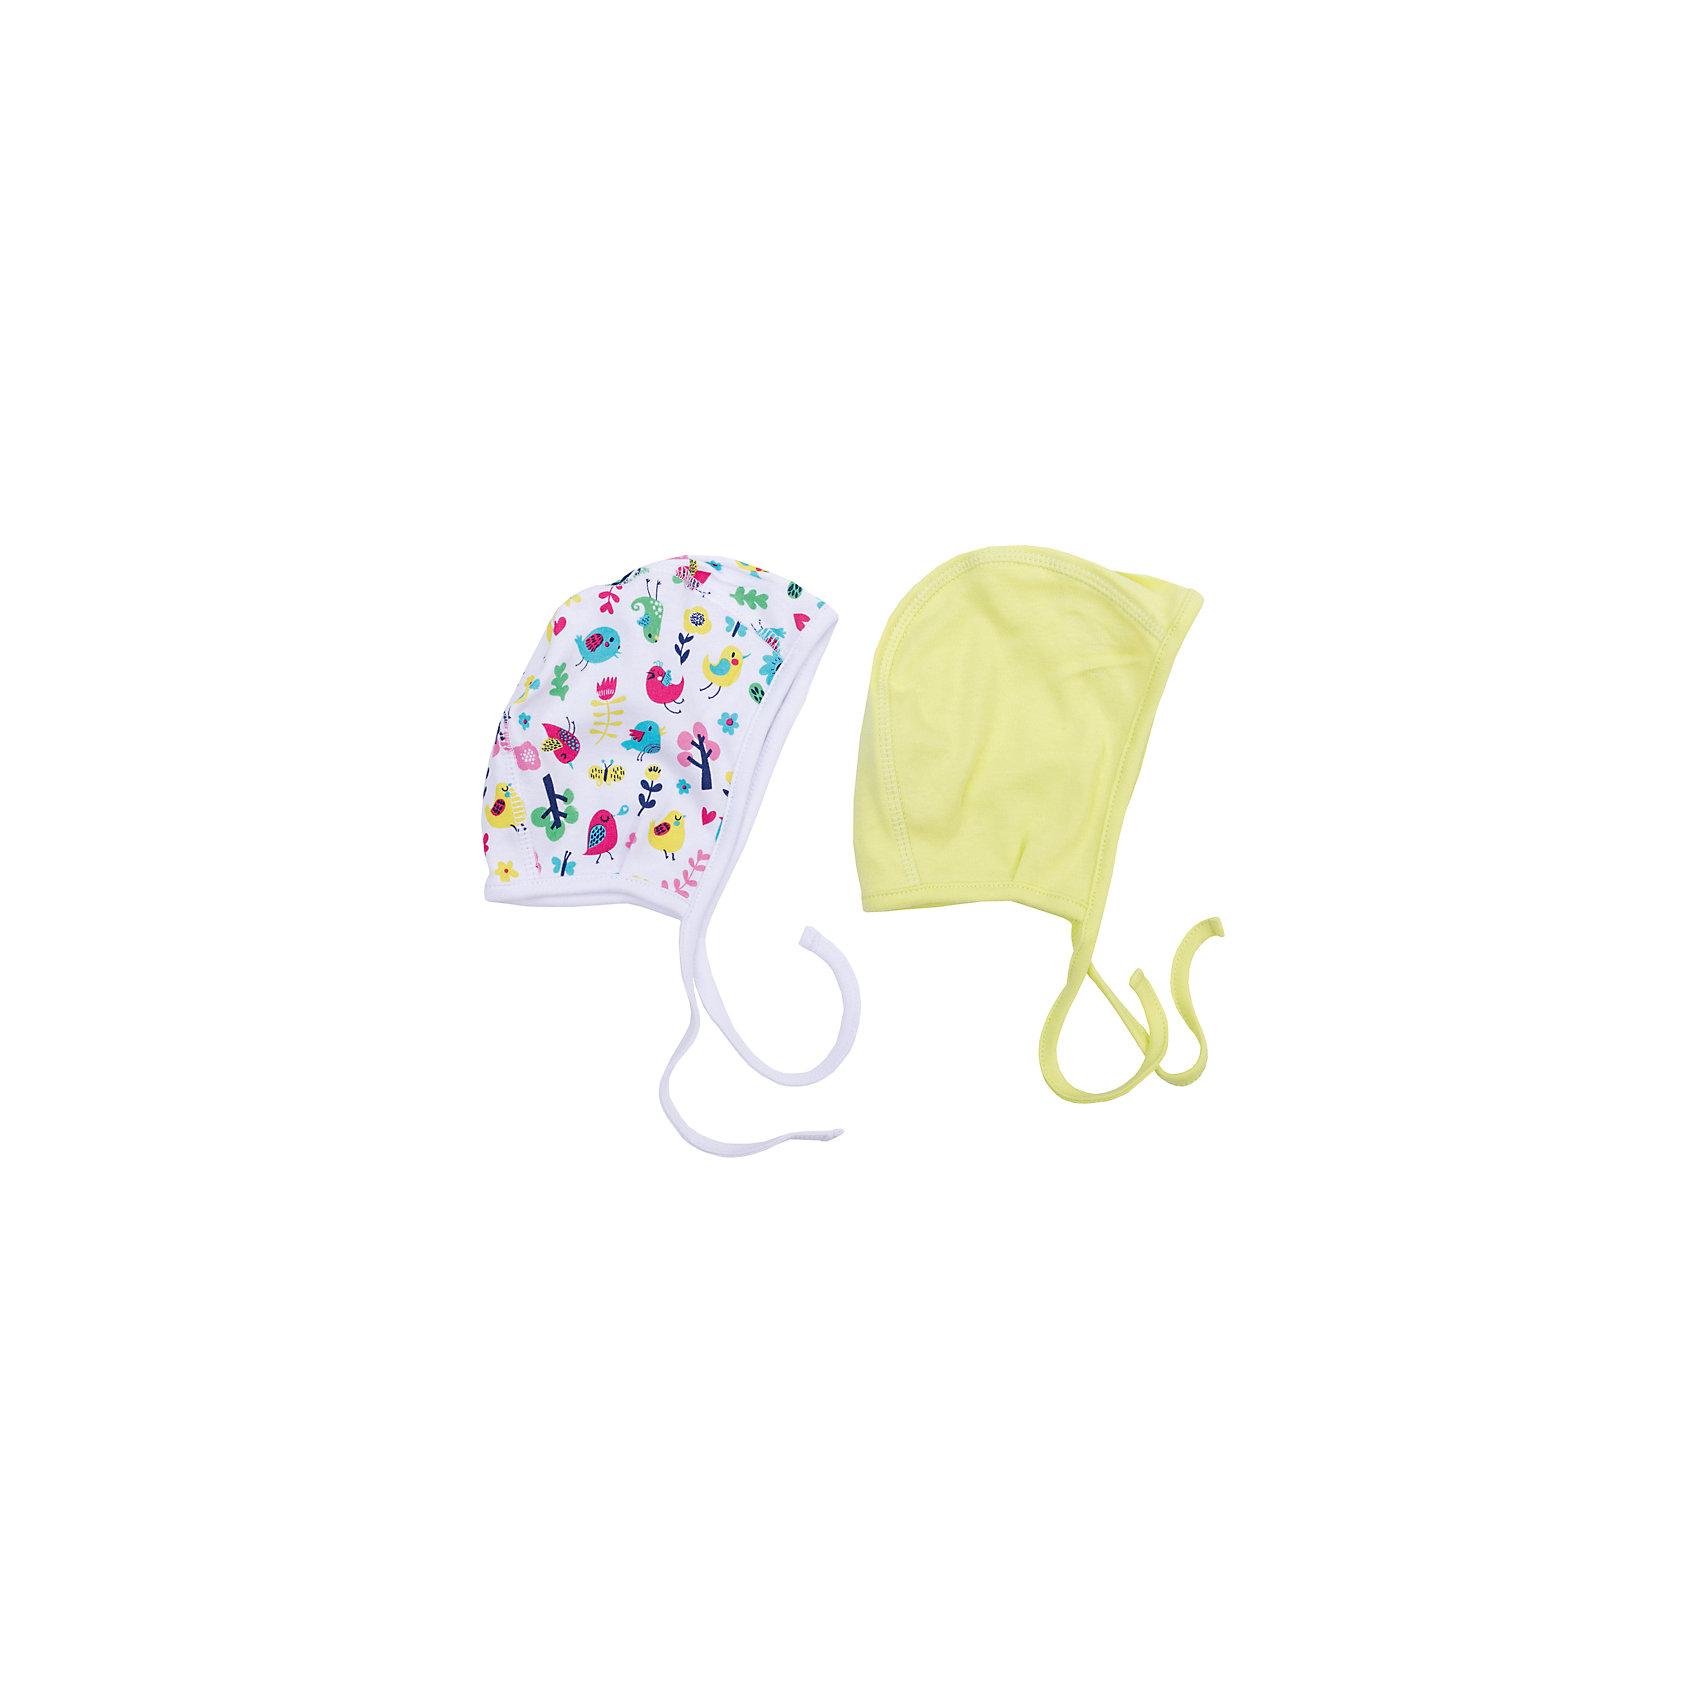 Чепчик, 2 шт. для девочки PlayTodayШапочки<br>Чепчик, 2 шт. для девочки от известного бренда PlayToday.<br>Комплект из двух уютных хлопковых чепчиков. Первая модель украшена принтом с яркими сказочными птичками, вторая - лимонно-лаймового цвета. Удобные завязки. Чепчики можно носить под вязаными шапочками.<br>Состав:<br>100% хлопок<br><br>Ширина мм: 157<br>Глубина мм: 13<br>Высота мм: 119<br>Вес г: 200<br>Цвет: белый<br>Возраст от месяцев: 3<br>Возраст до месяцев: 6<br>Пол: Женский<br>Возраст: Детский<br>Размер: 42,40,44<br>SKU: 4901132